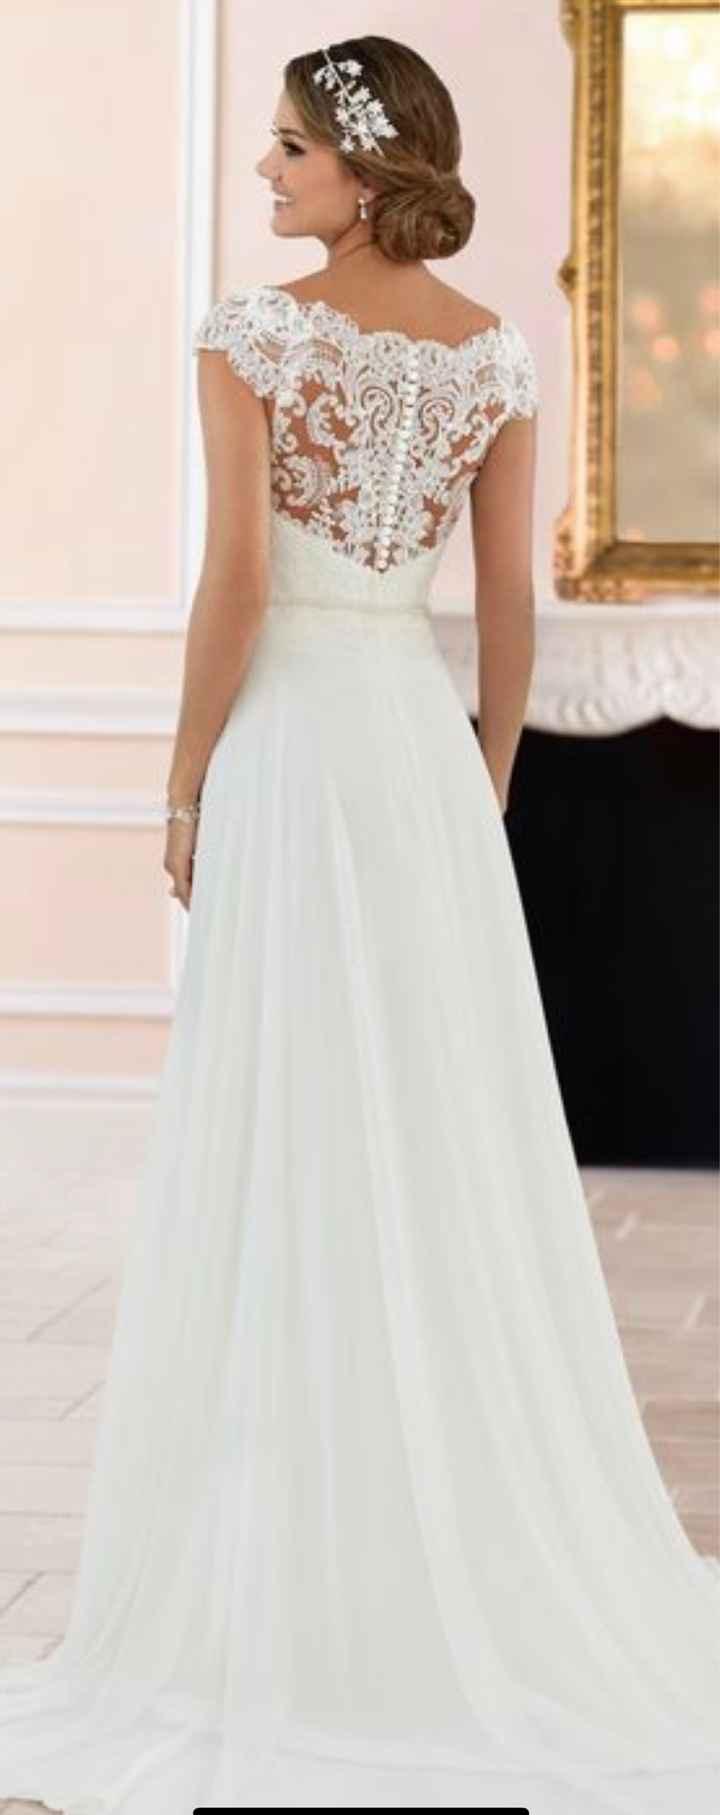 Espalda del vestido en blanco o con algo de color? - 1